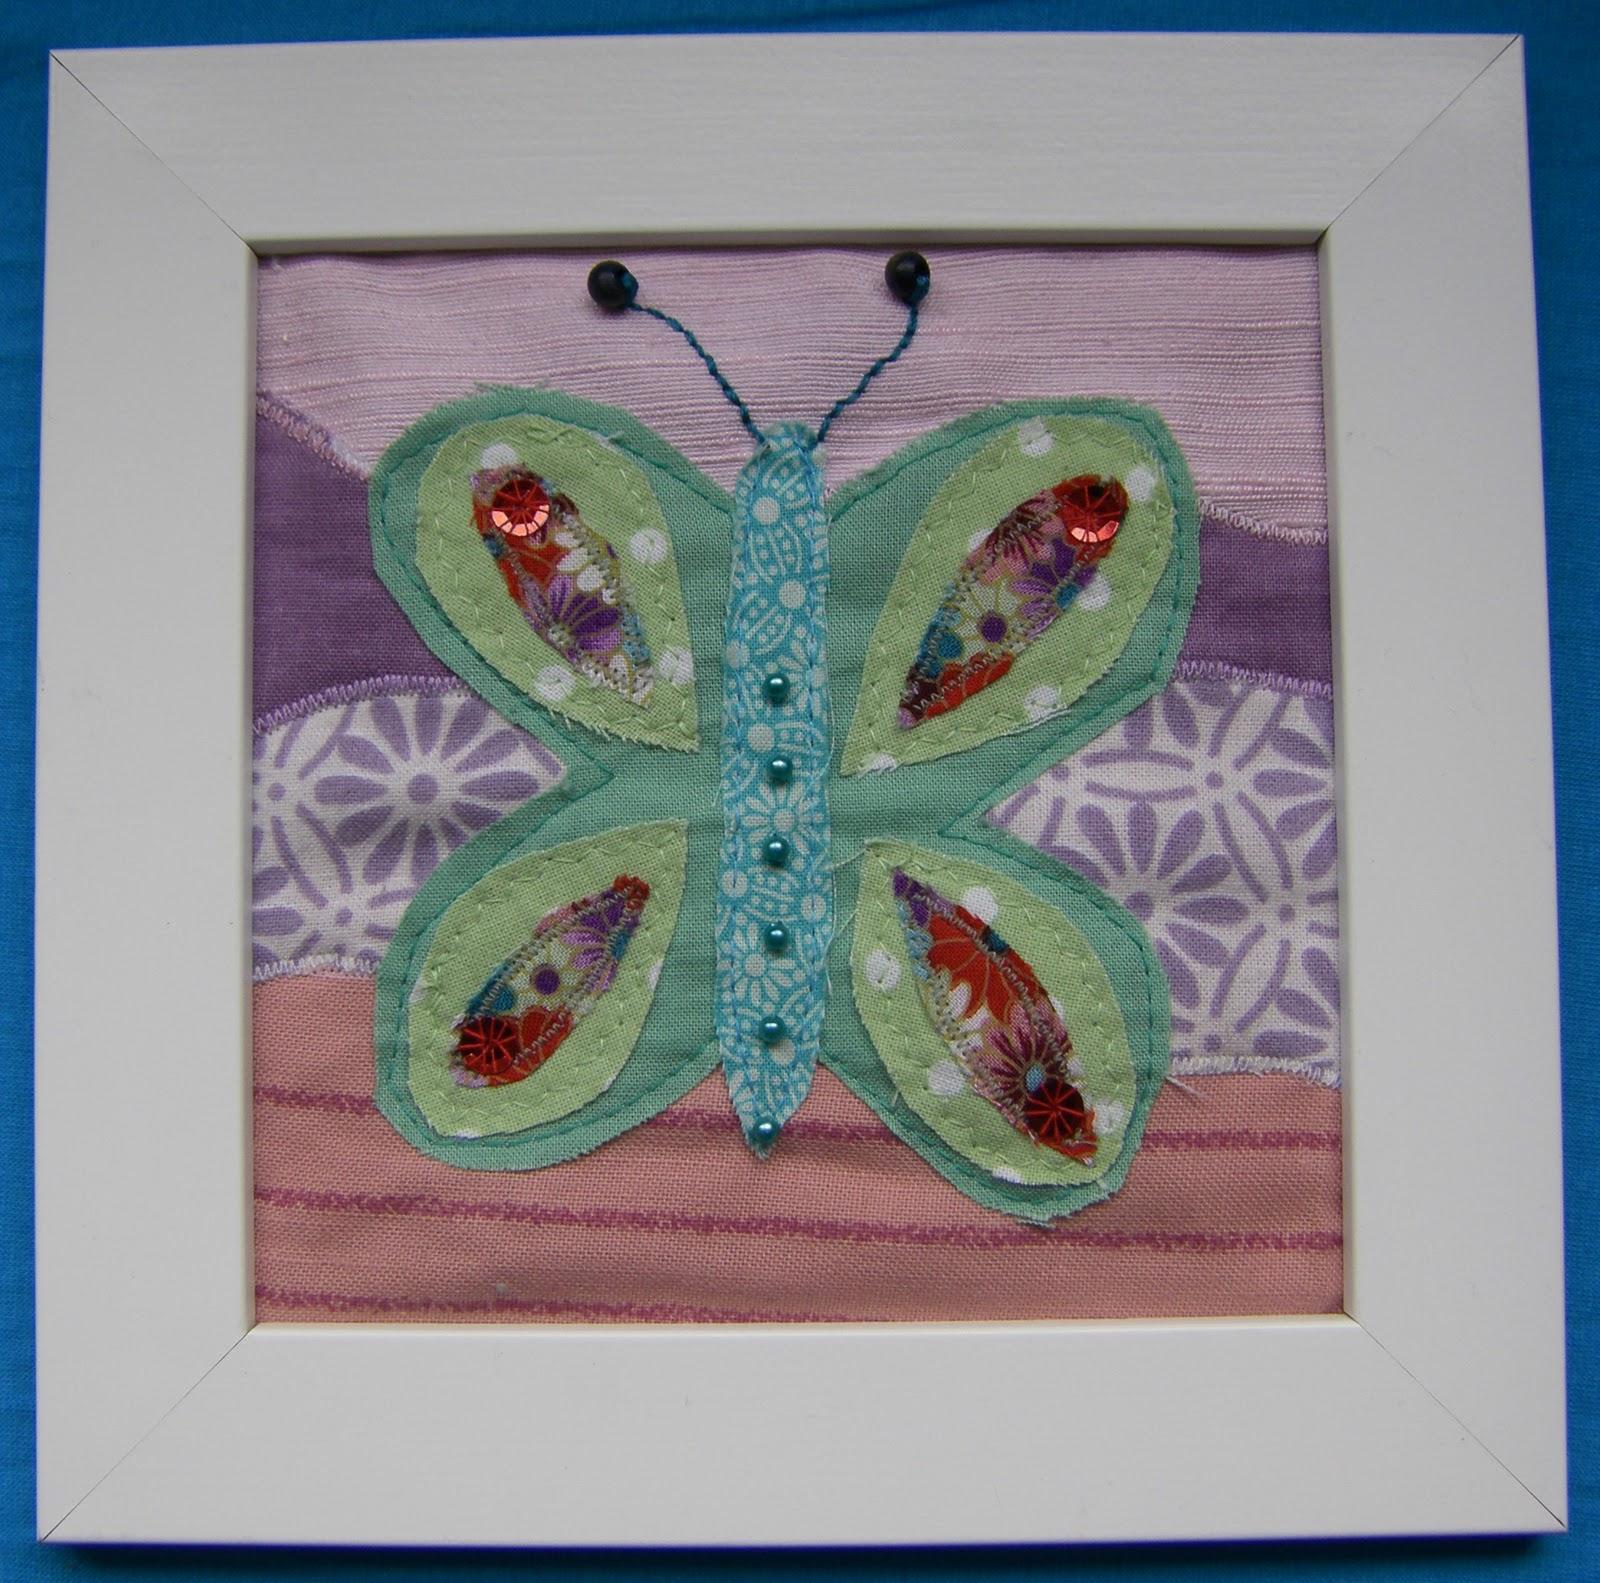 http://1.bp.blogspot.com/_4llNpQpupBE/TK7DeObjQgI/AAAAAAAAAAQ/dLH_i5TadbA/s1600/sommerfugl.jpg